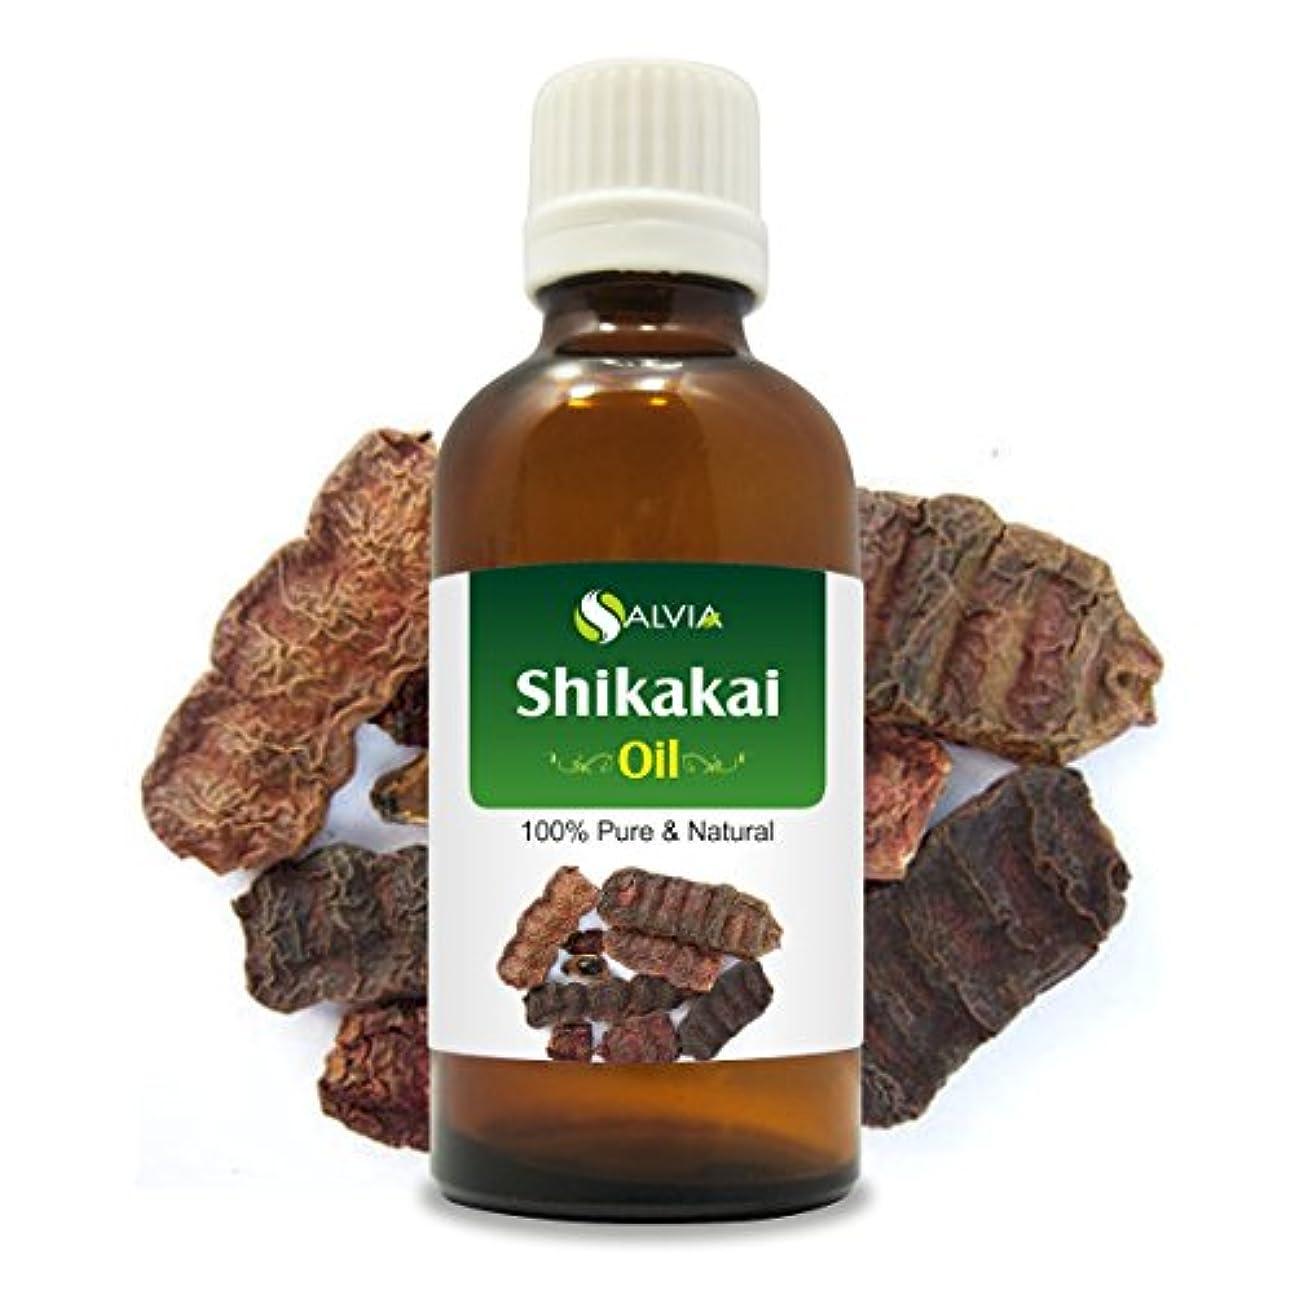 残忍な見つけたたくさんのSHIKAKAI OIL 100% NATURAL PURE UNDILUTED UNCUT OIL 15ML